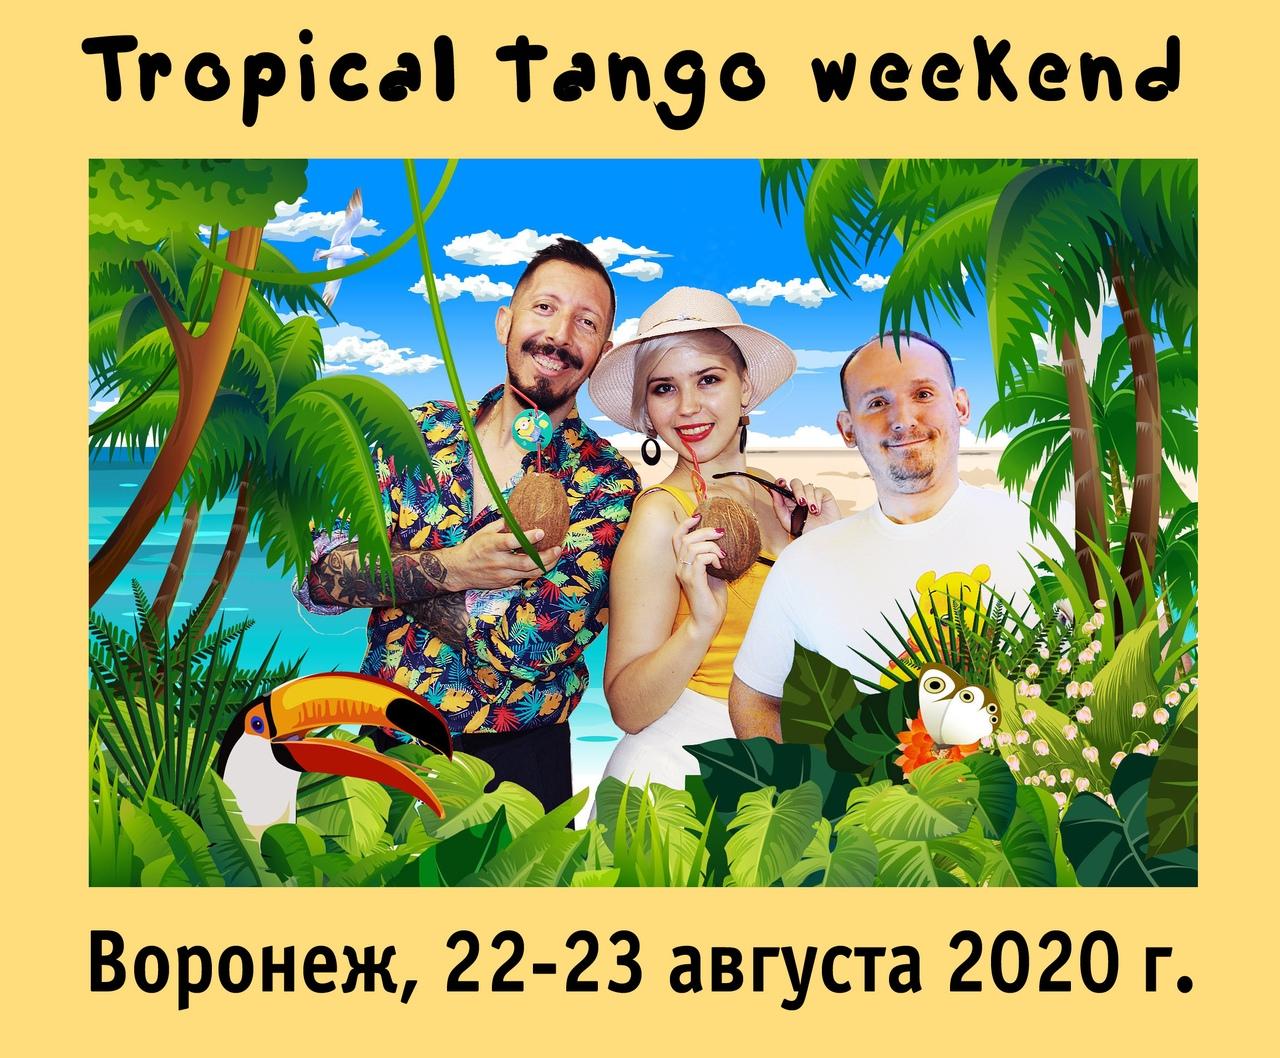 Афиша Воронеж Tropical tango-weekend в Воронеже